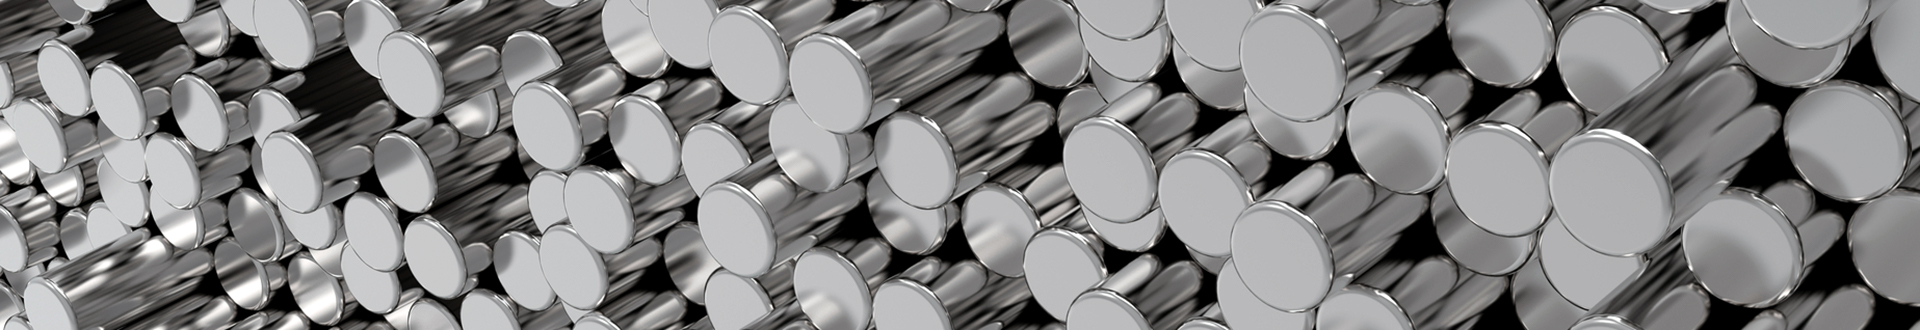 metal bars